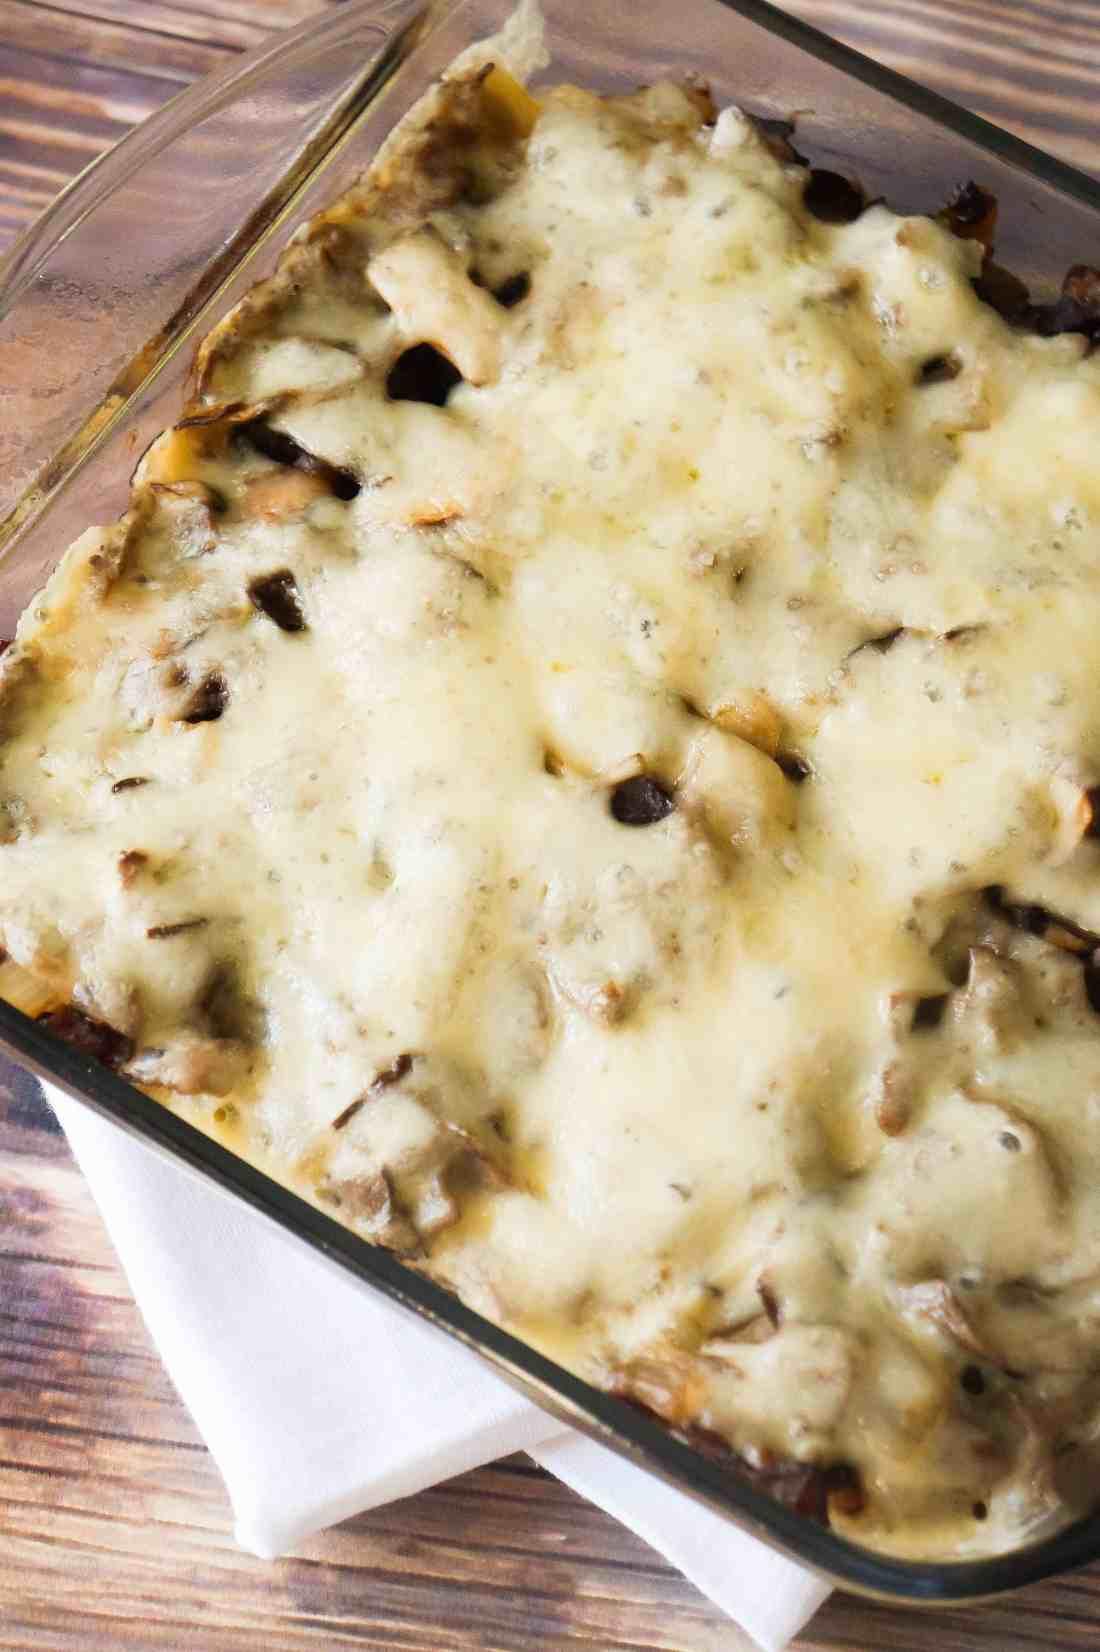 Mushroom Swiss Roast Beef Biscuit Bake is an easy beef casserole recipe.